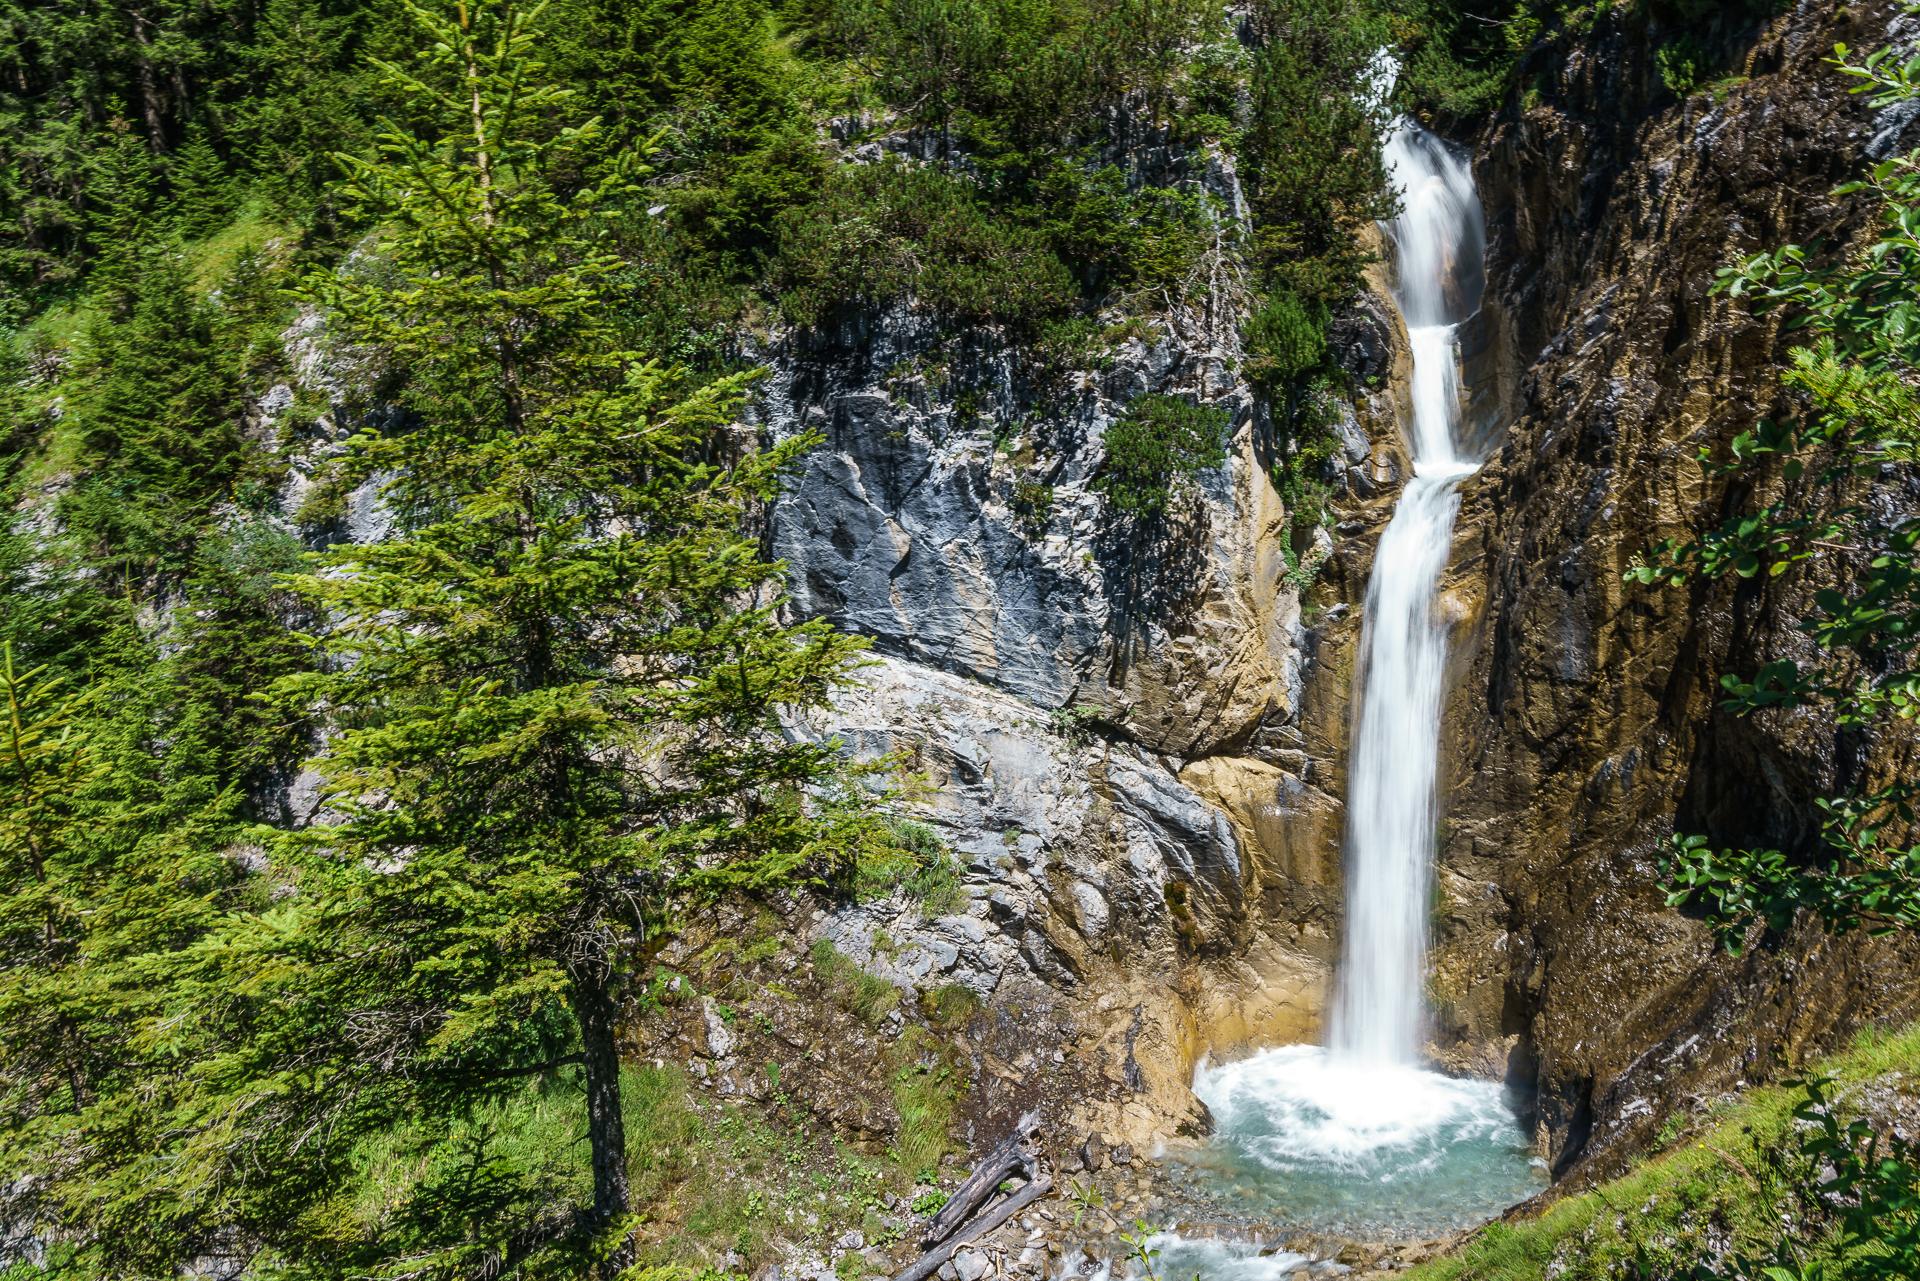 Wasserfall-Klostertal-Vorarlberg